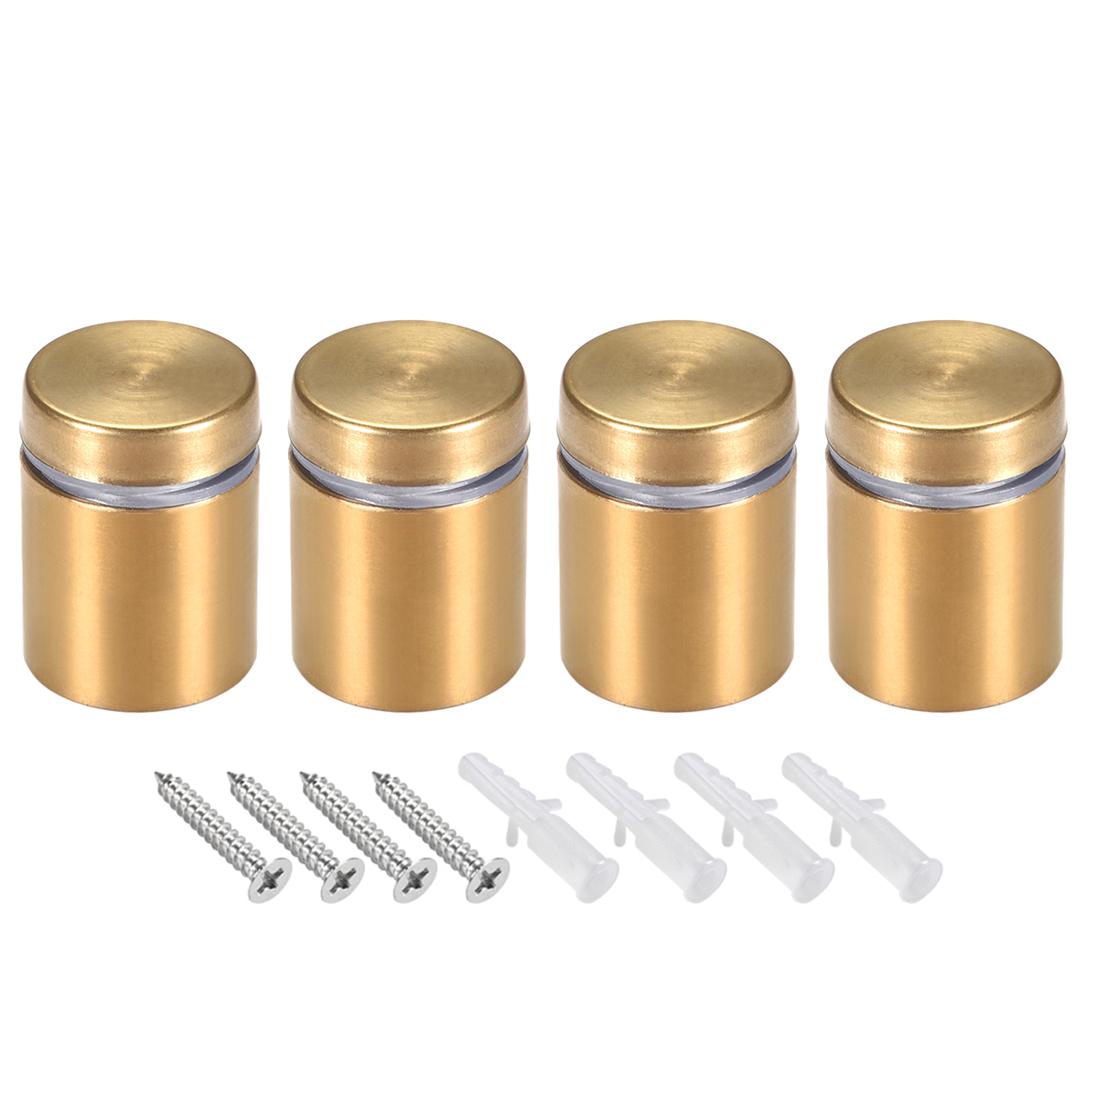 Glass Standoff Mount Wall Standoff Nails 19mm Dia 26mm Length Golden 4 Pcs